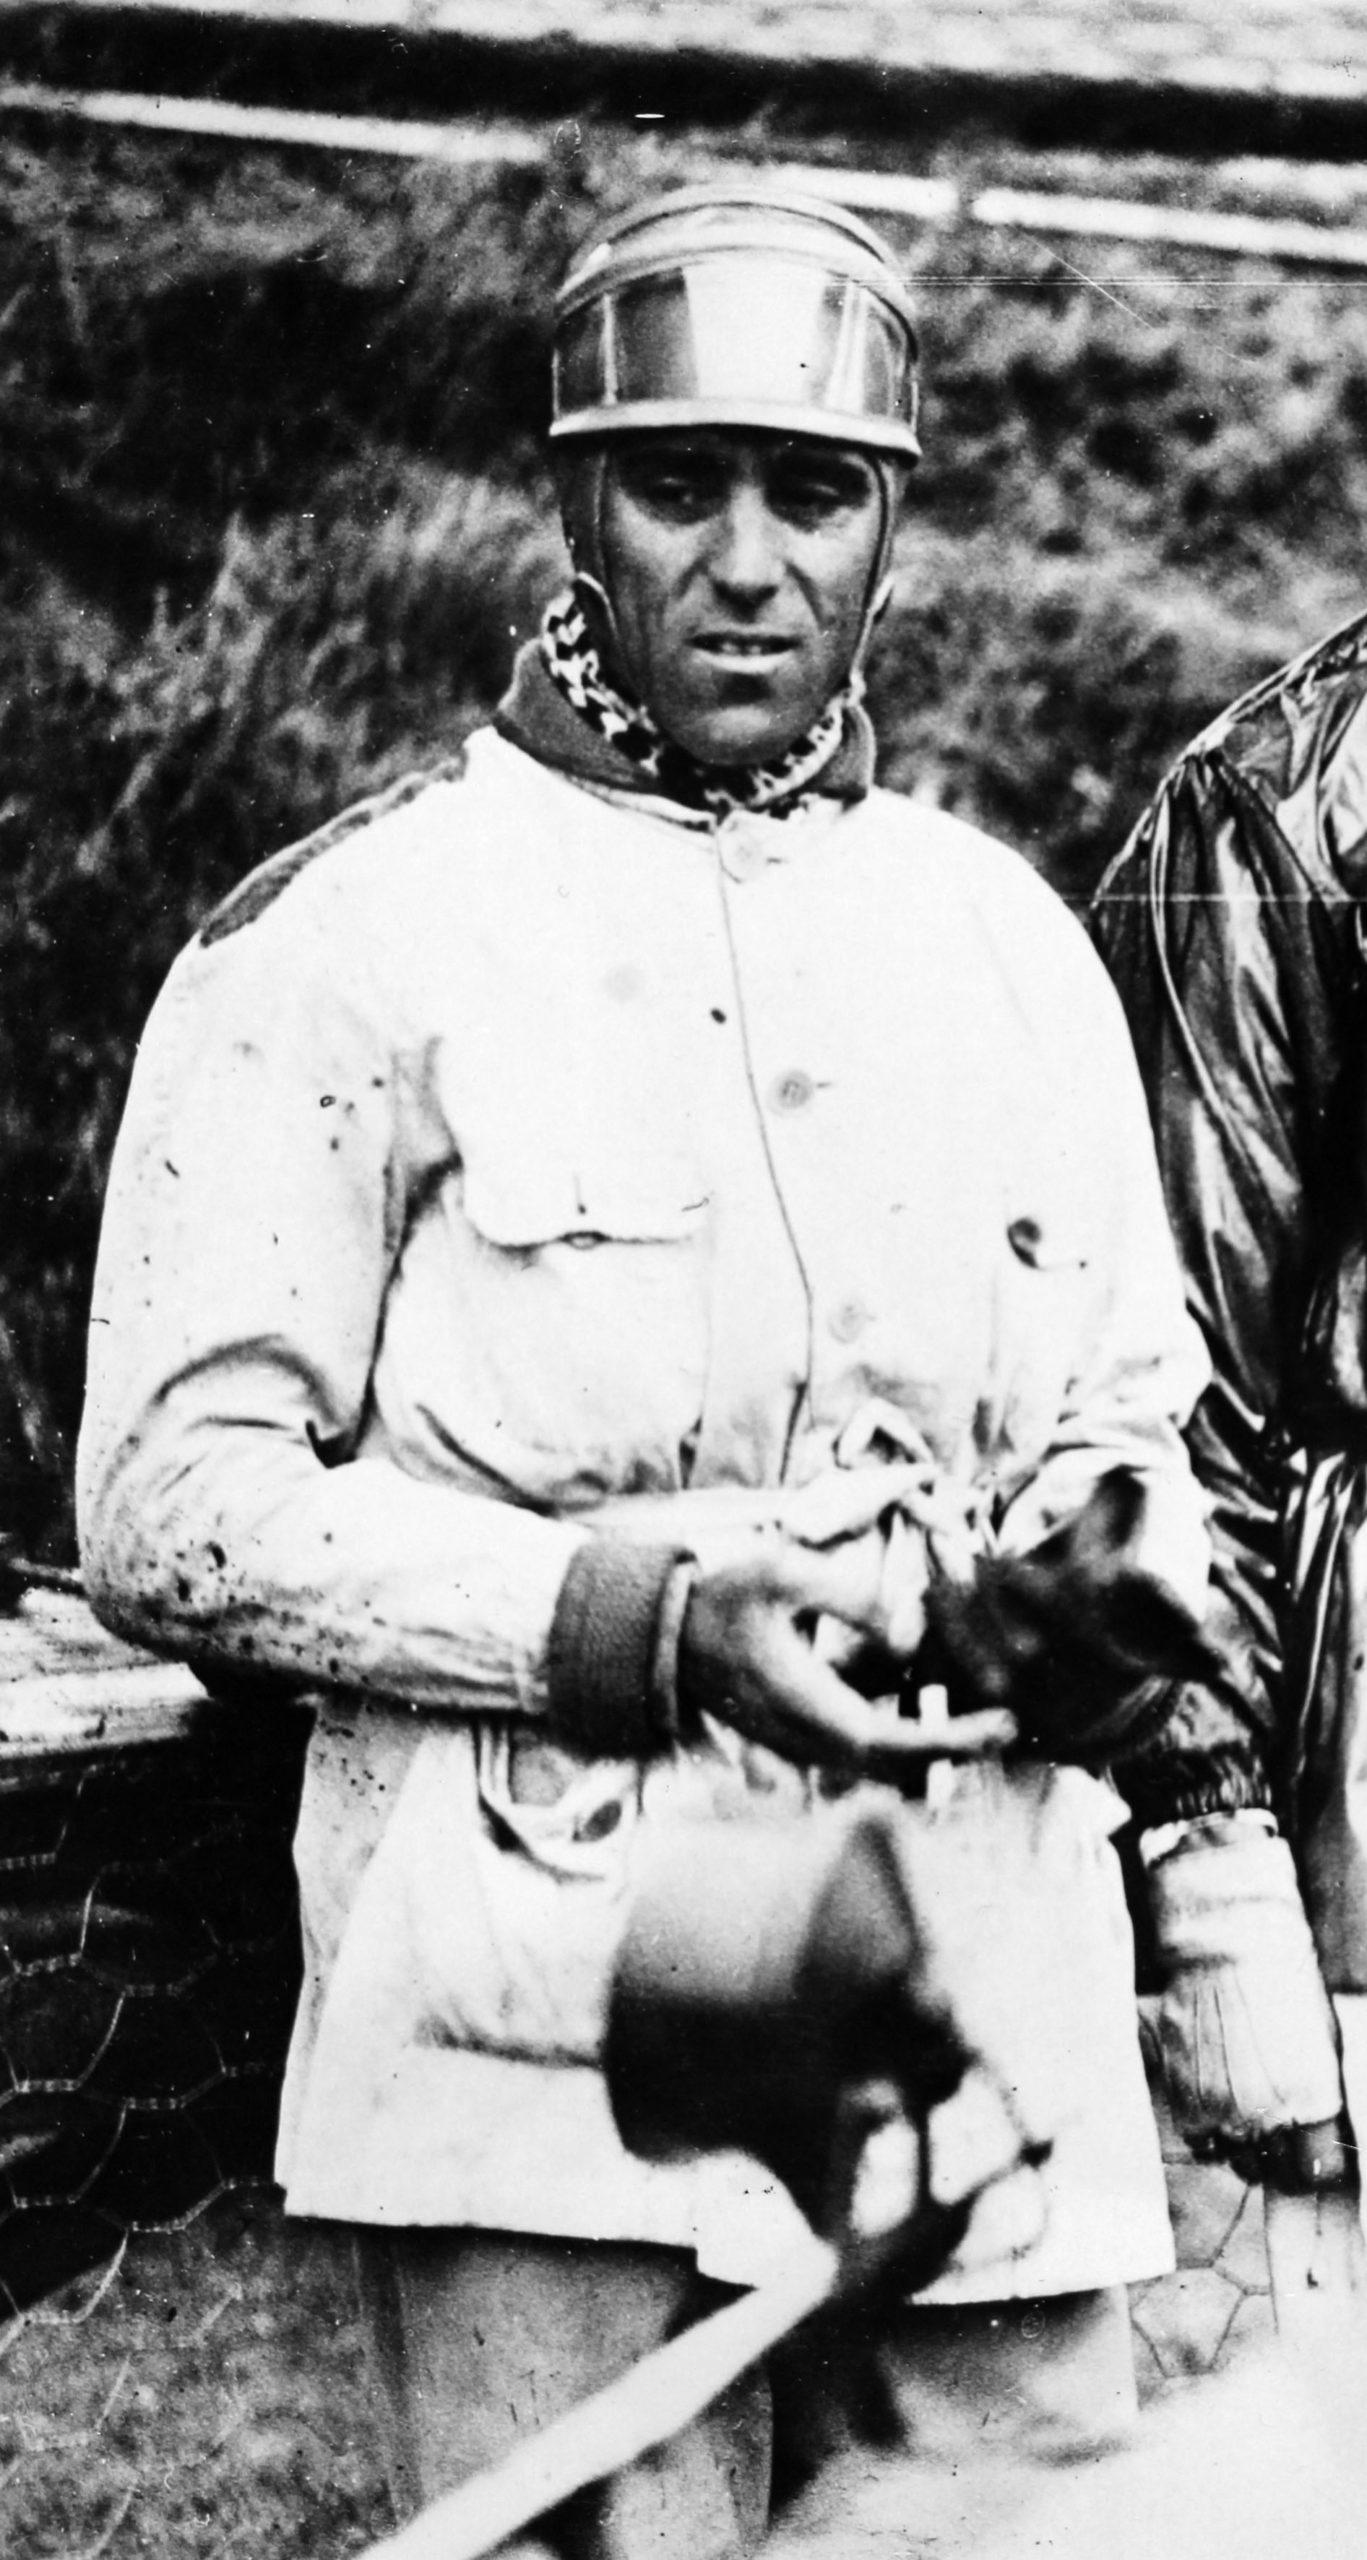 Tazio-Nuvolari-after-winning-the-1932-Monaco-Grand-Prix